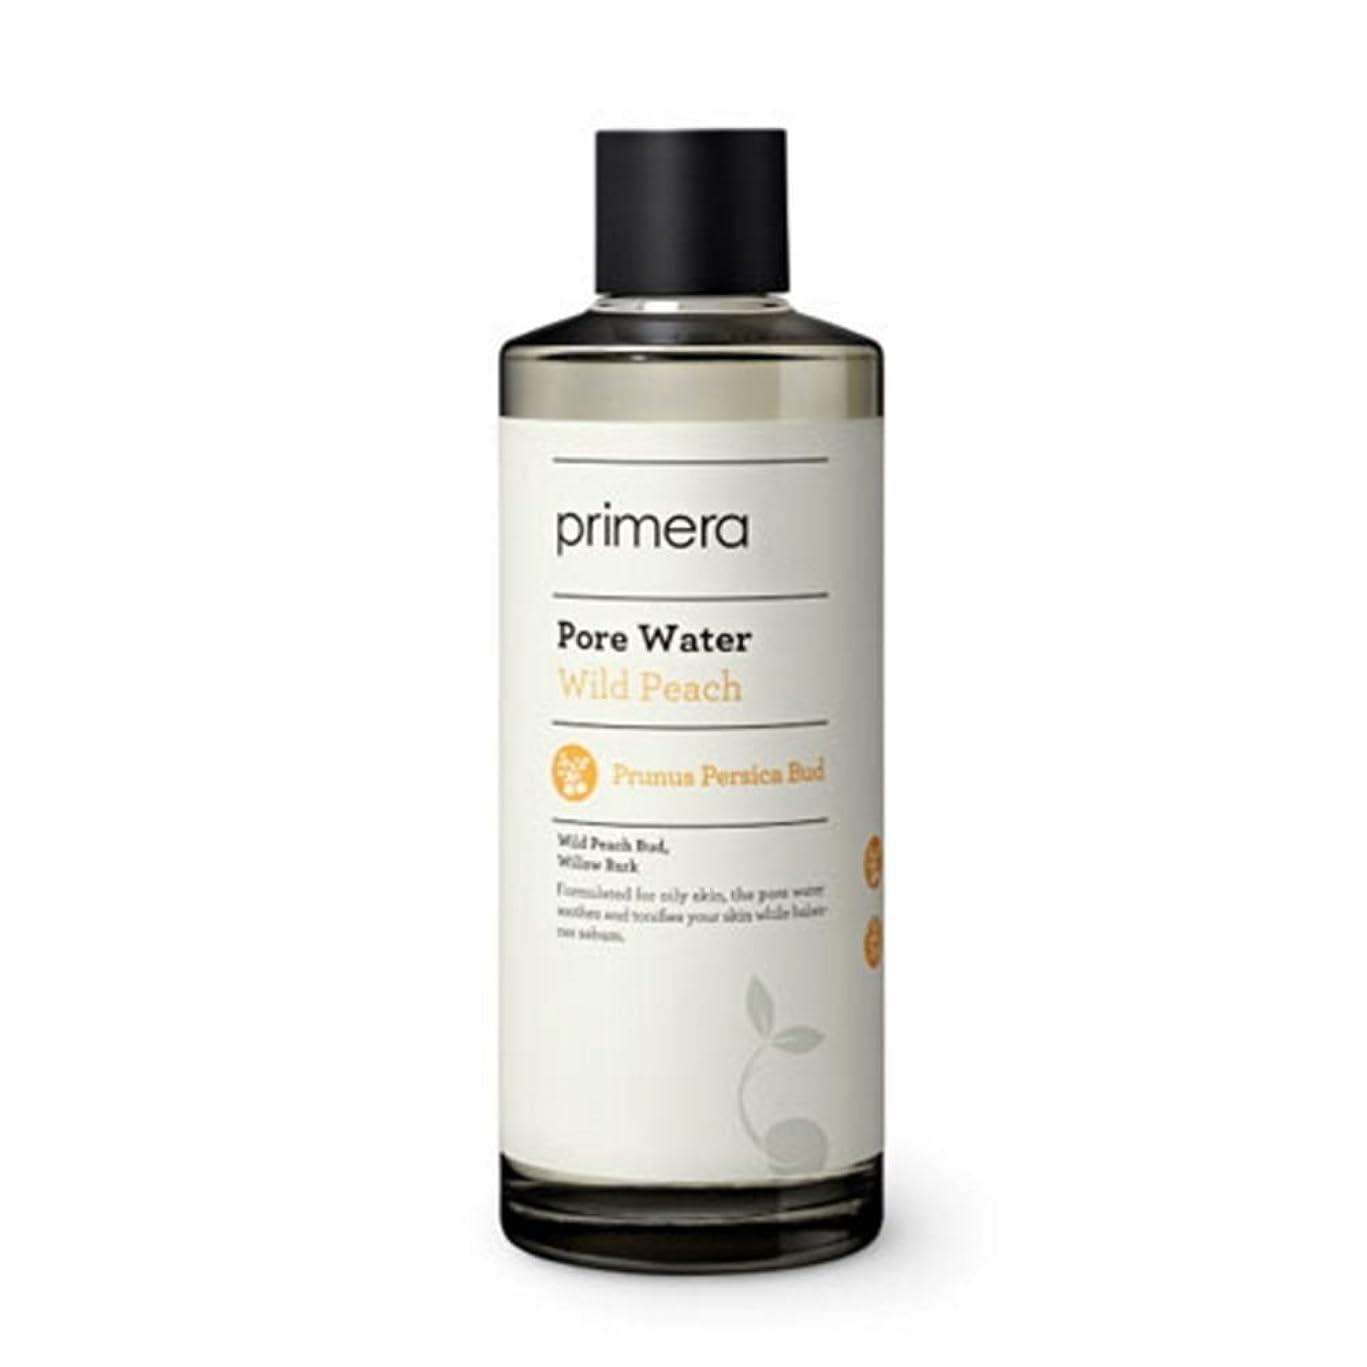 モナリザ限定腹【プリメーラ】 PRIMERA Wild Peach Pore Water ワイルドピッチフォアウォーター 【韓国直送品】 OOPSPANDA